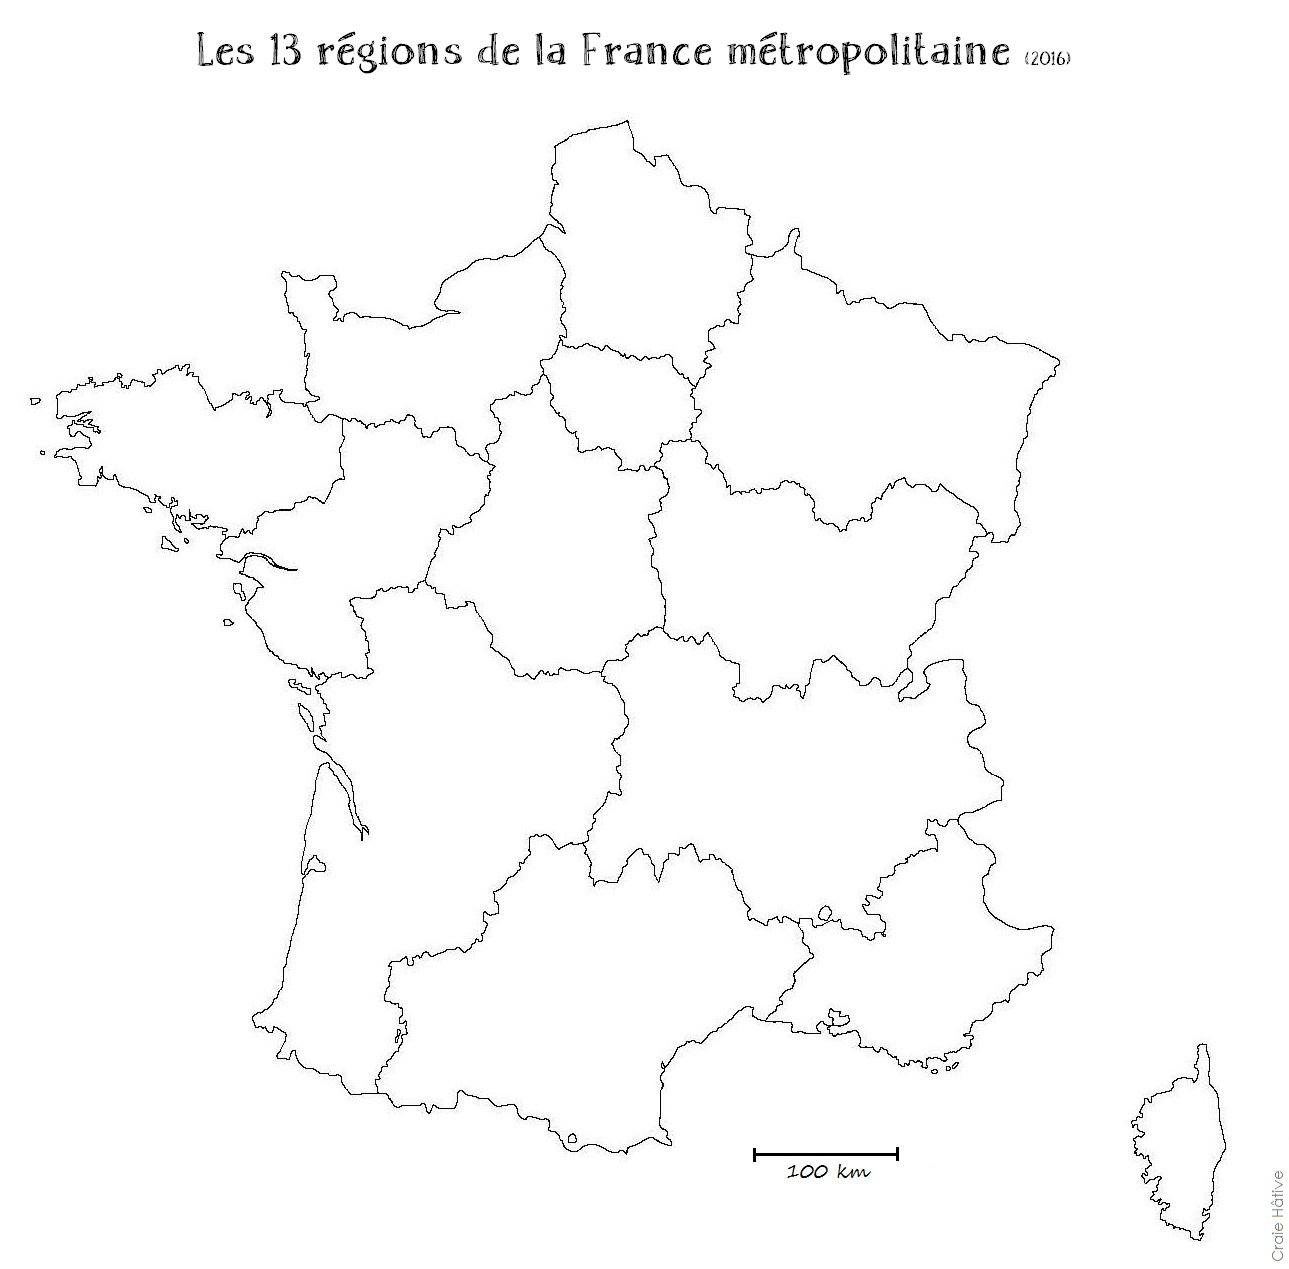 Cartes Des Régions De La France Métropolitaine - 2016 destiné Carte Des Régions De France 2016